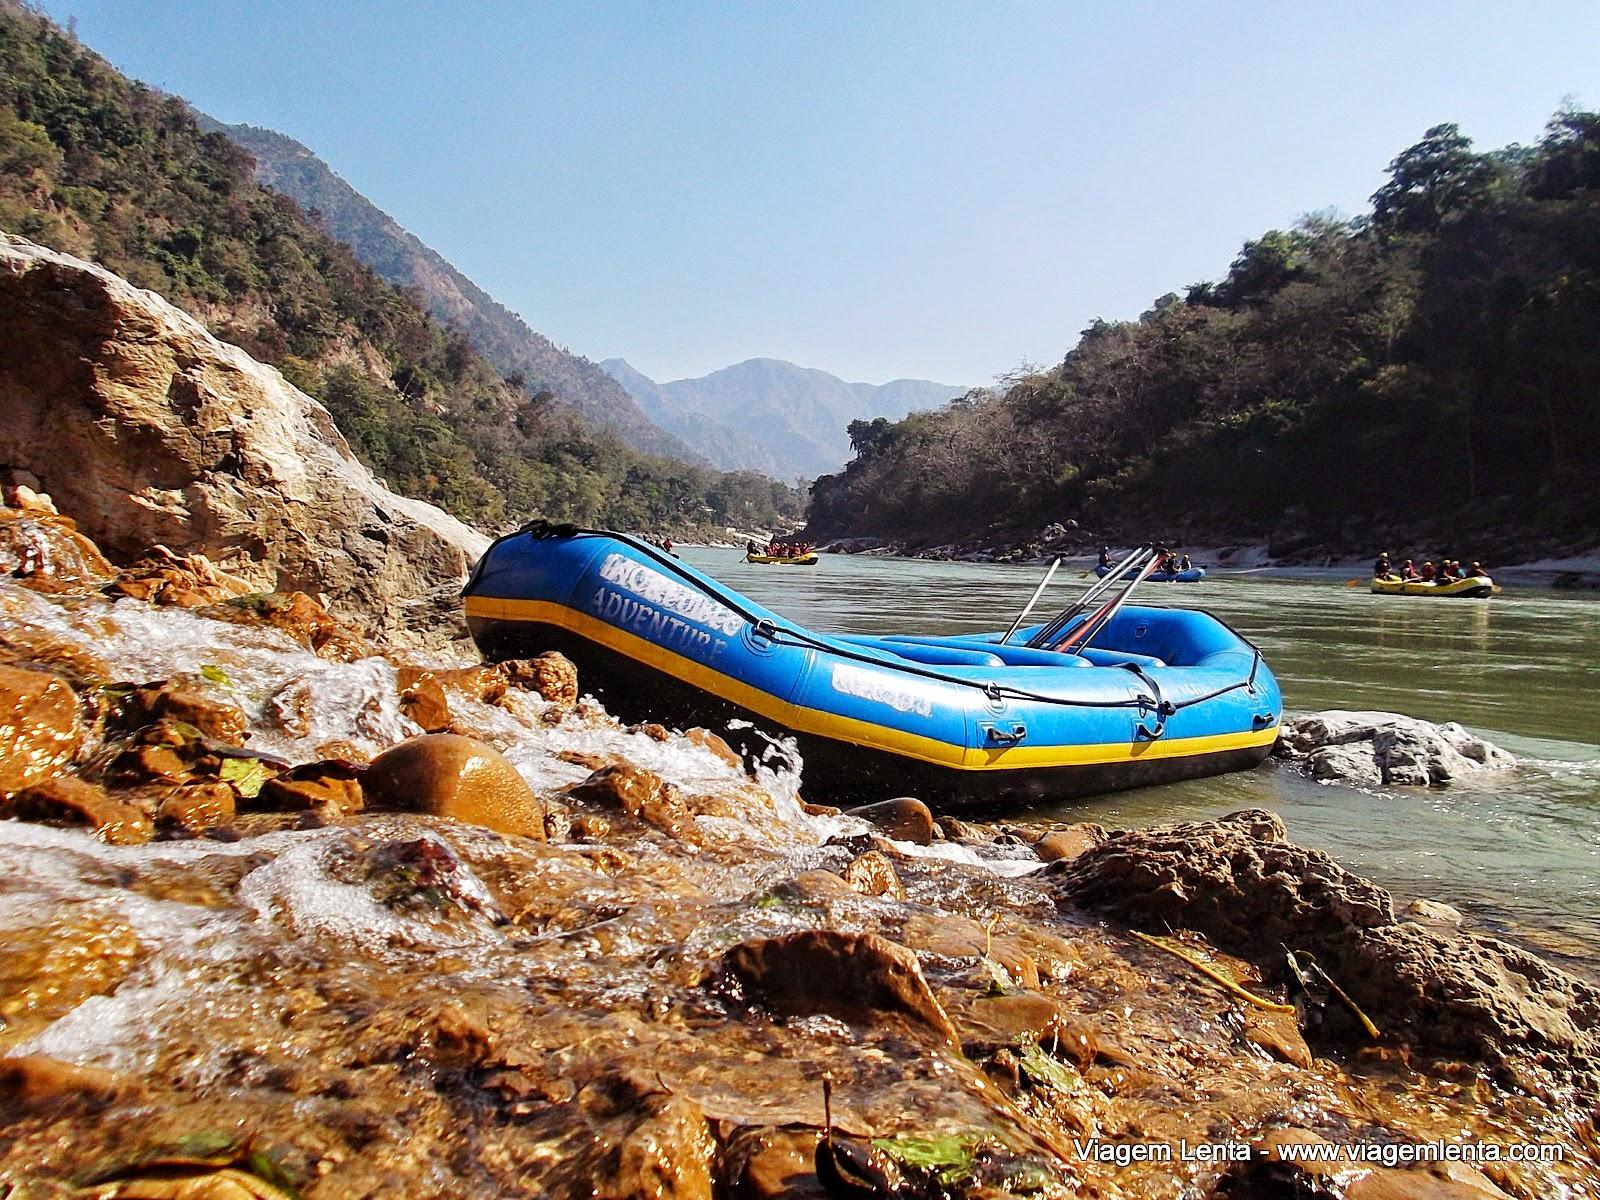 Relato de viagem à Rishikeshi, aulas de ioga, rafting e Haridwar, norte da Índia, próximas à cordilheira do Himalaia.